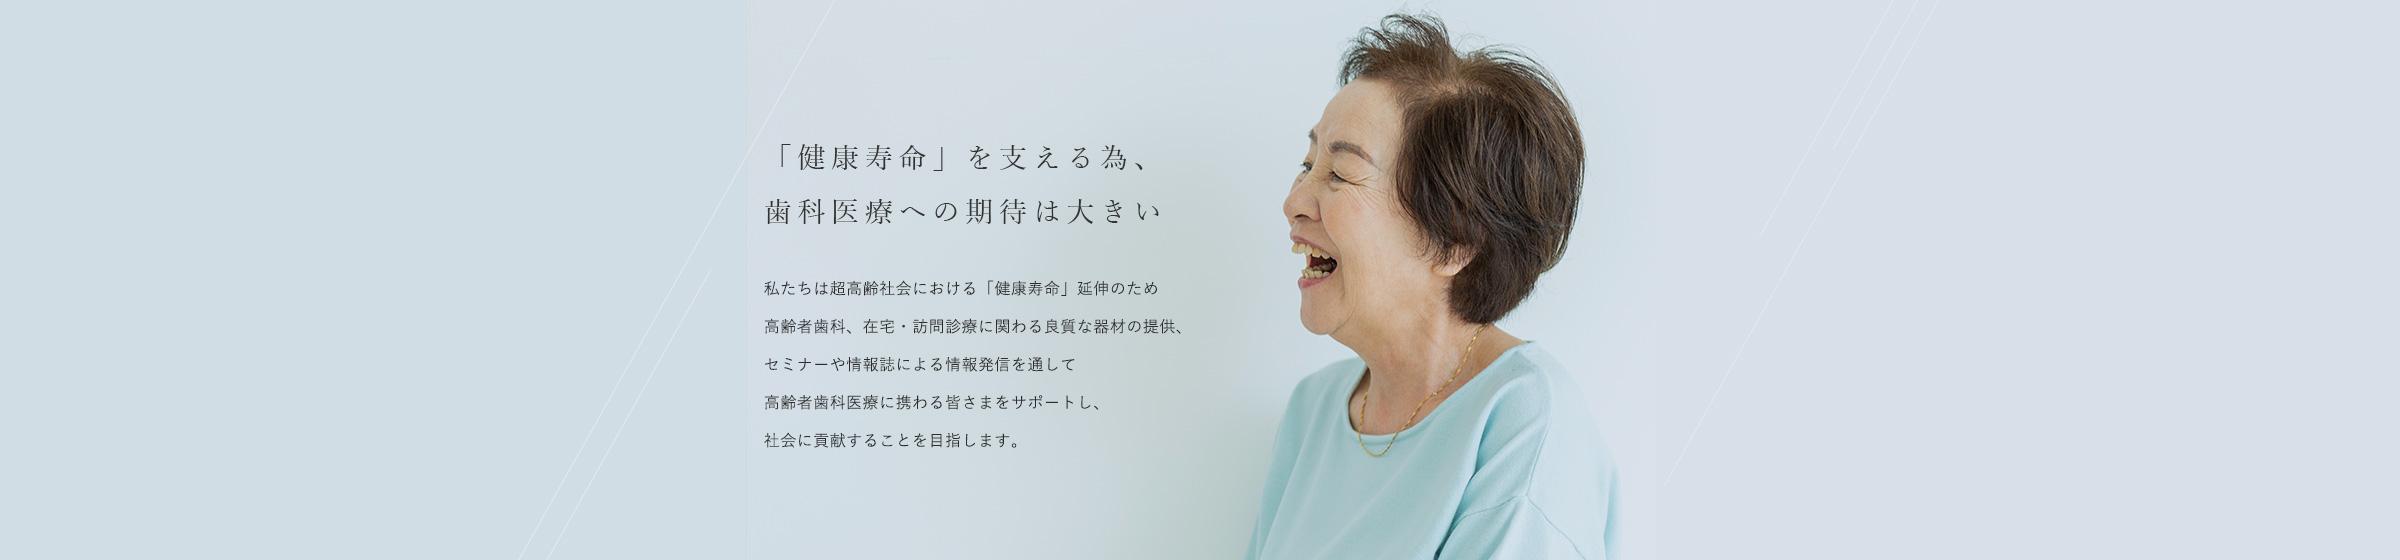 「健康寿命」を支える為、歯科医療への期待は大きい